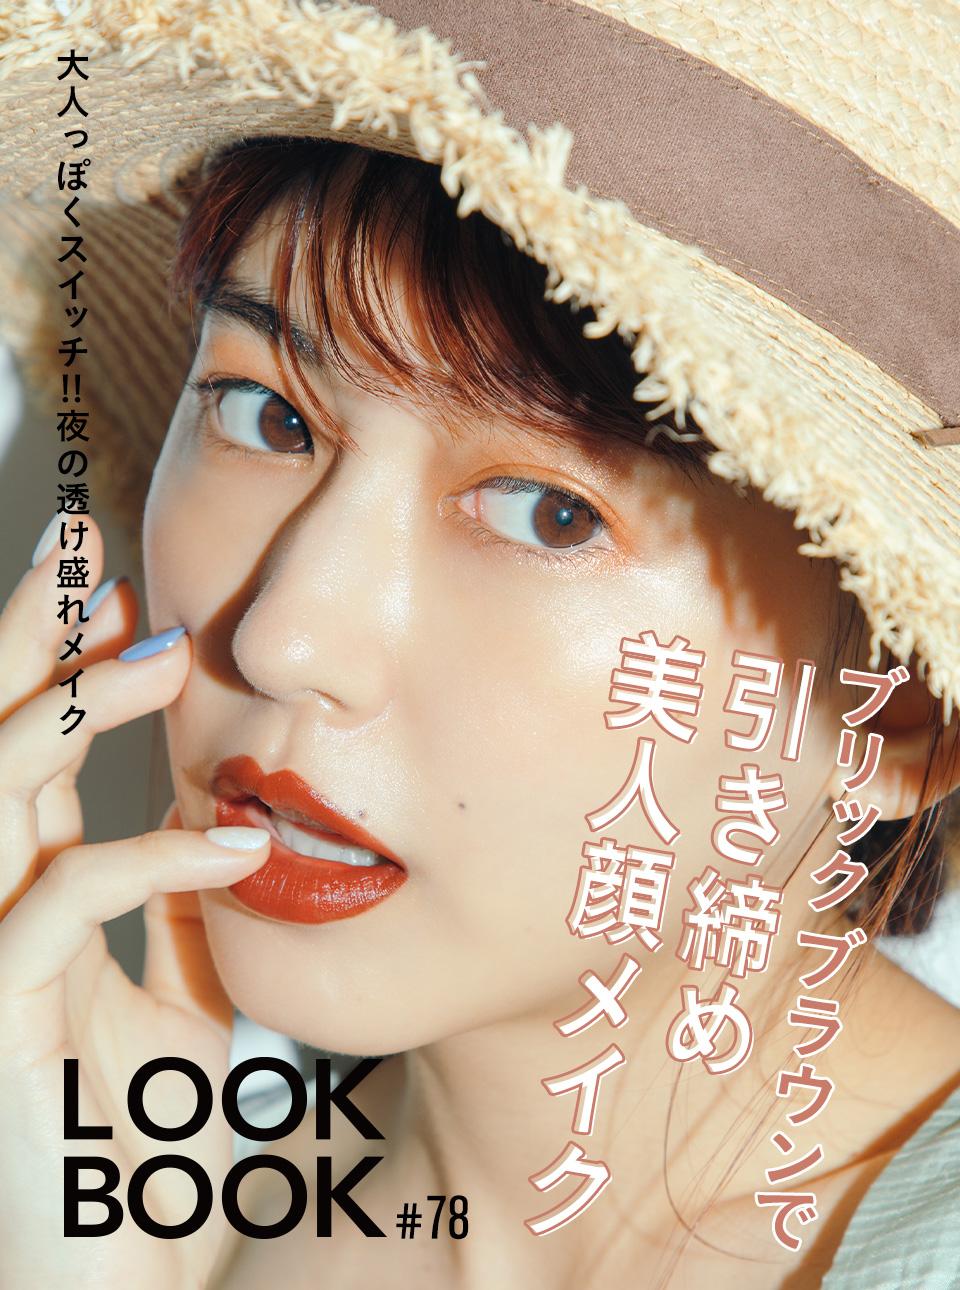 LOOKBOOK78